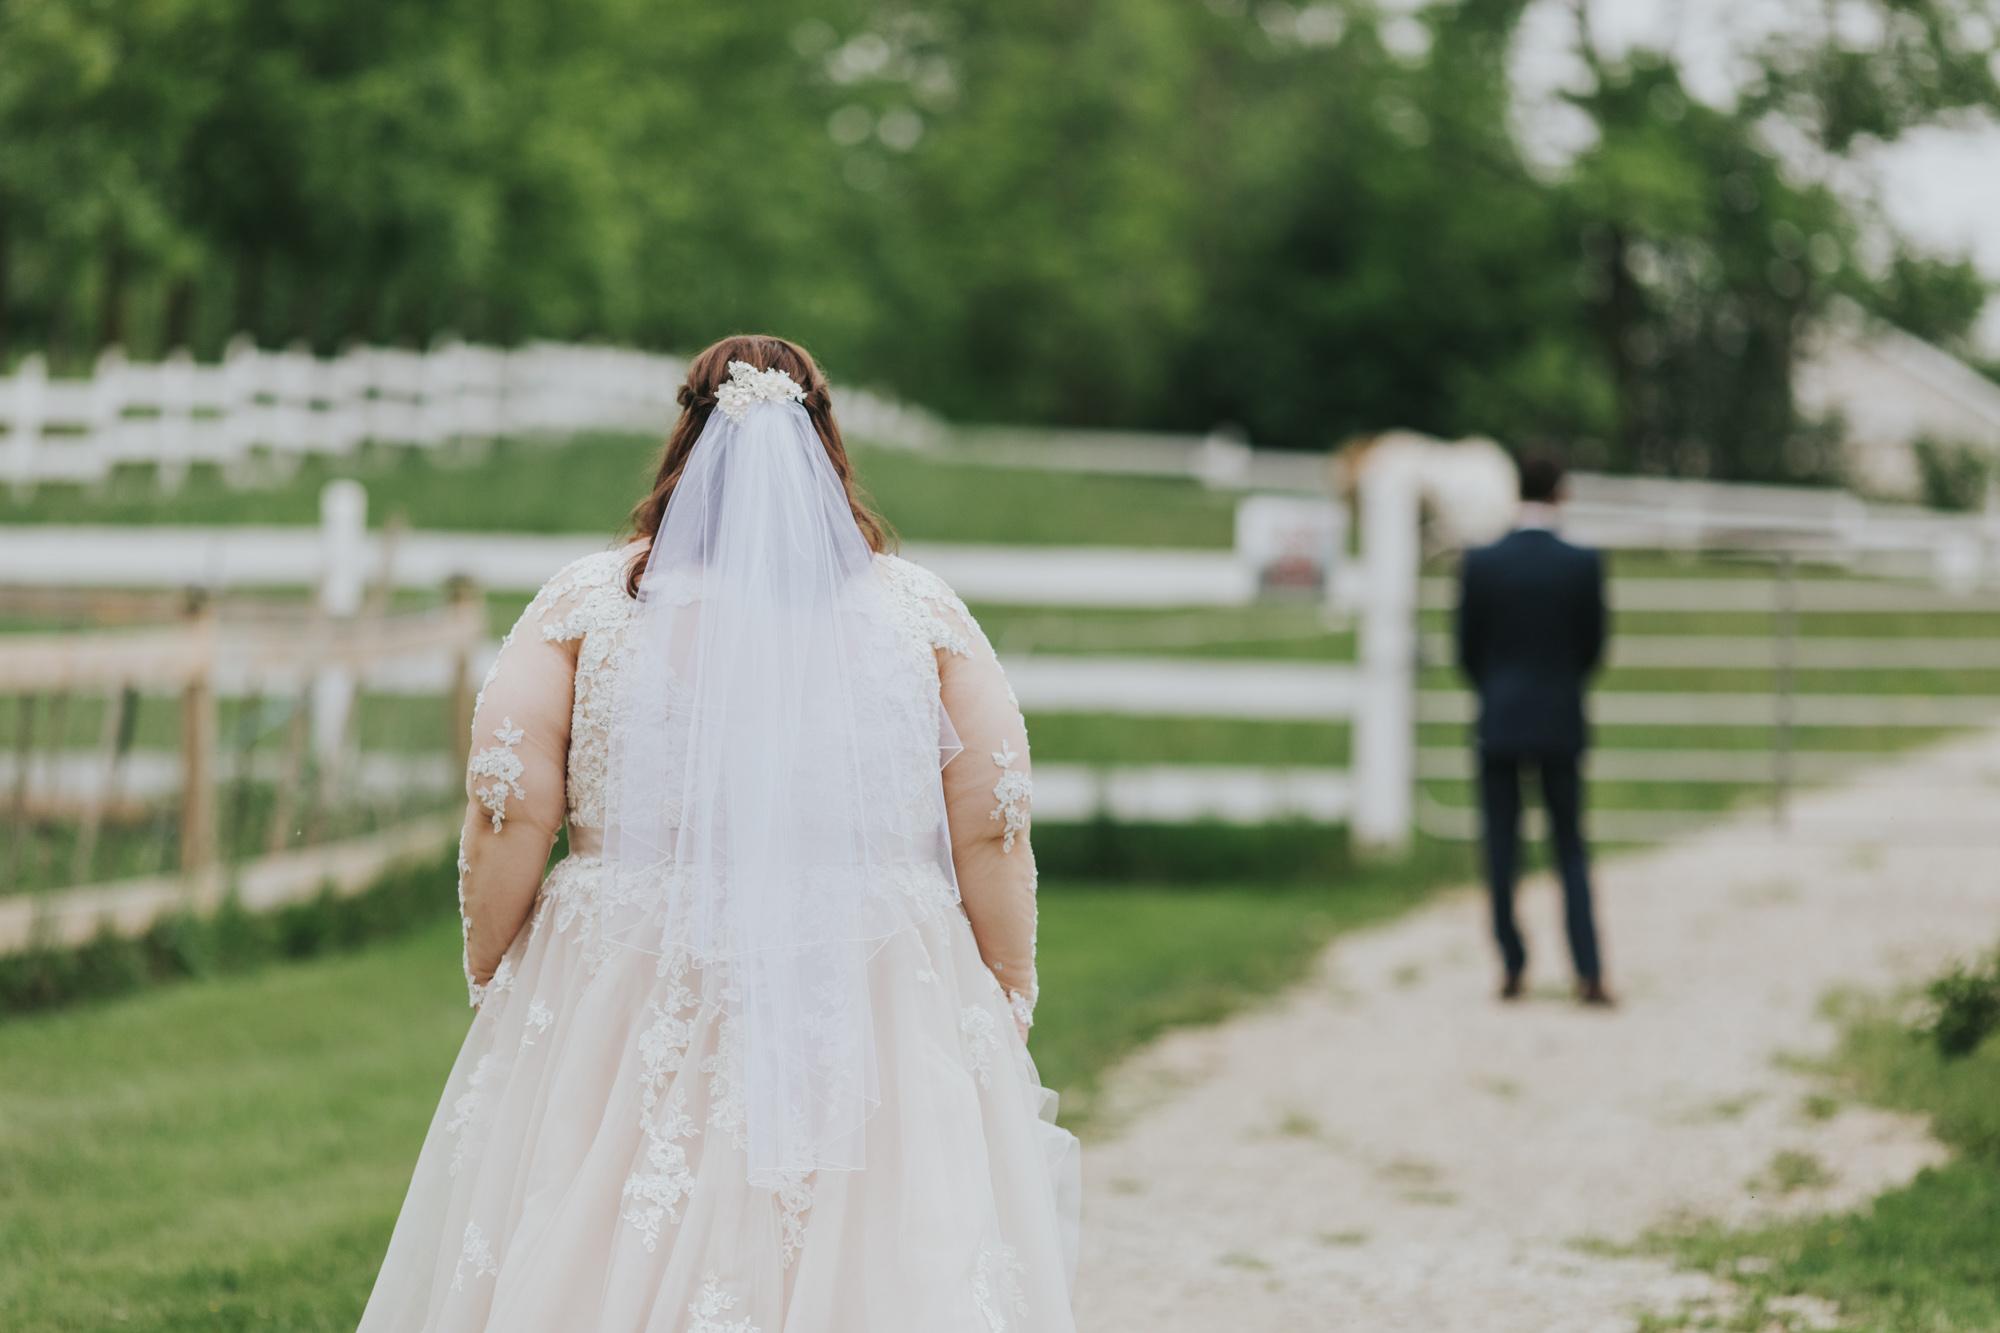 Summer-Farm-Backyard-Wedding-Portraits-5.jpg